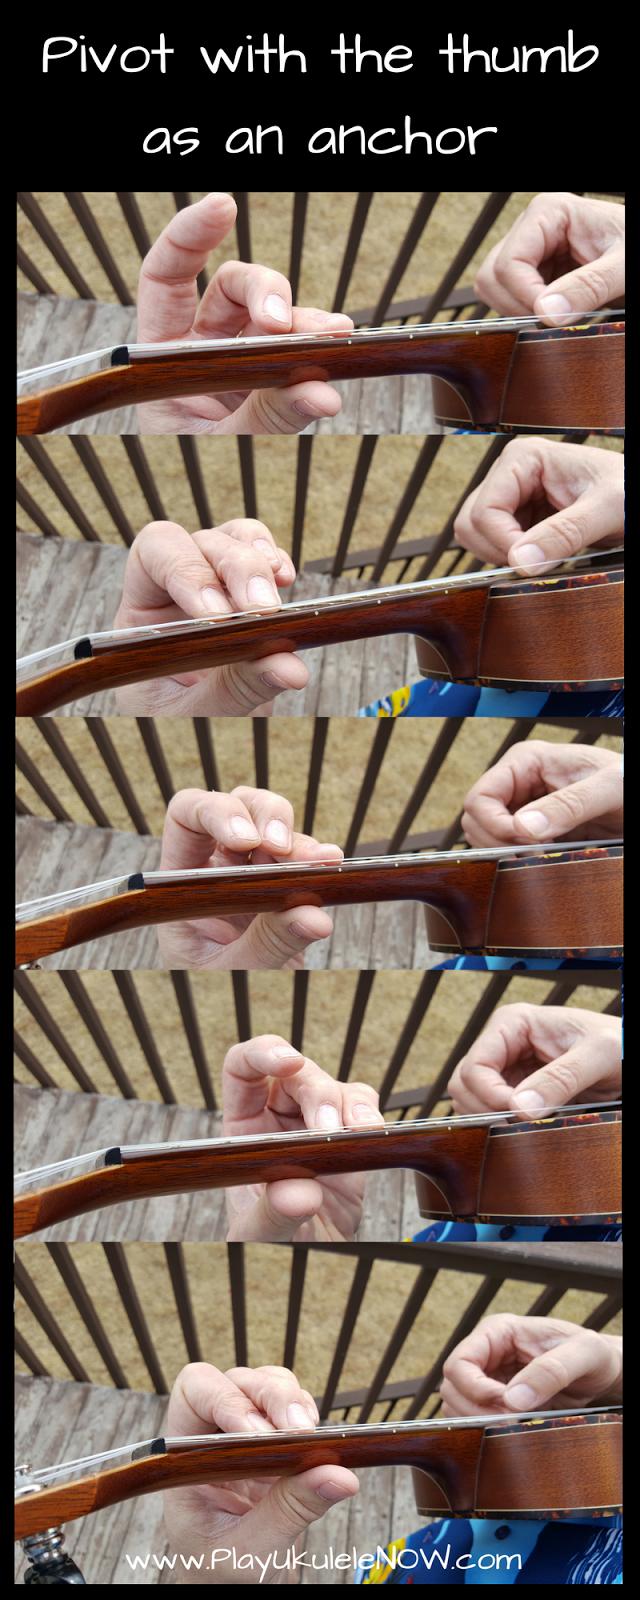 how to play am i wrong on ukulele